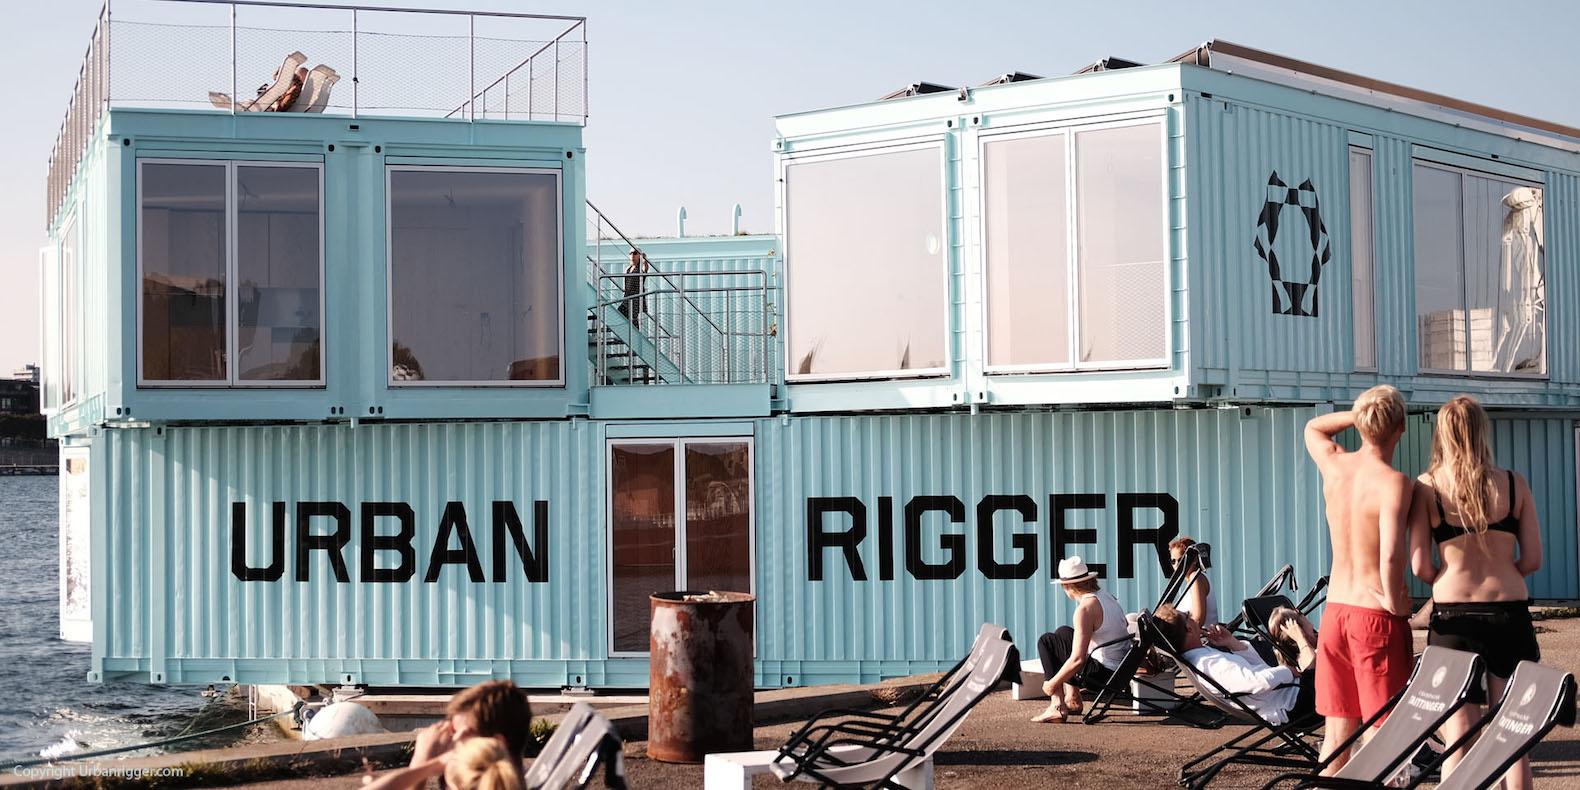 Urban Rigger: la residenza studentesca galleggiante più bella d'Europa